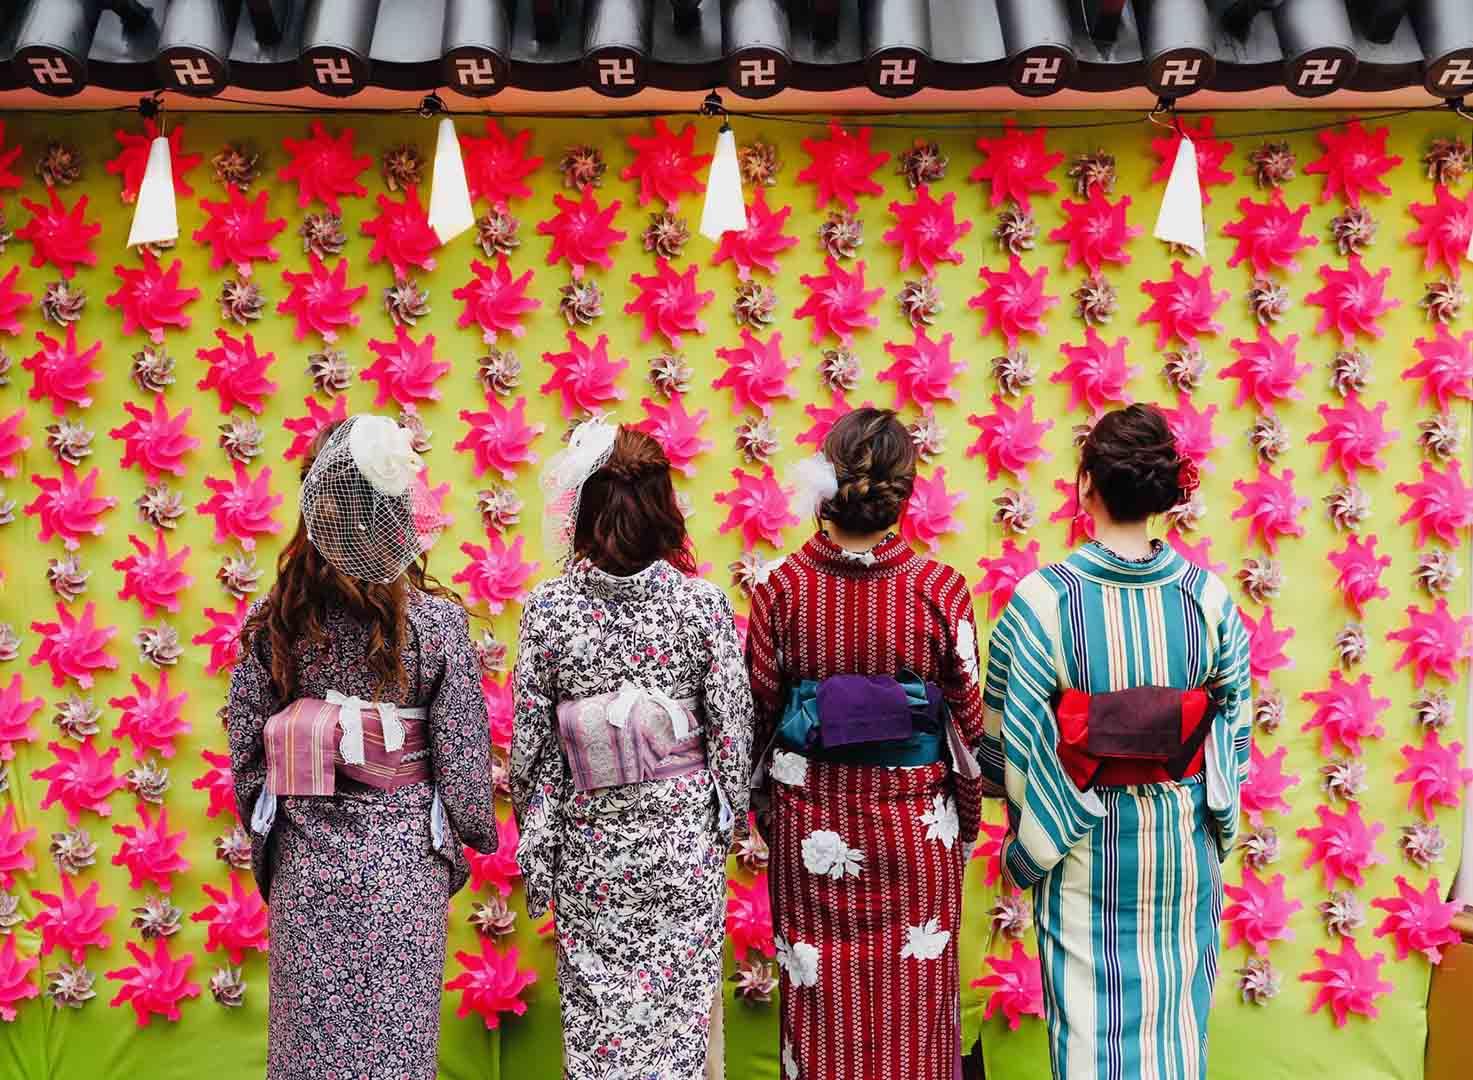 行列必須のメロンパン片手にお花見気分、<br />浅草のインスタ聖地「かざぐるまの壁」が桜色に!